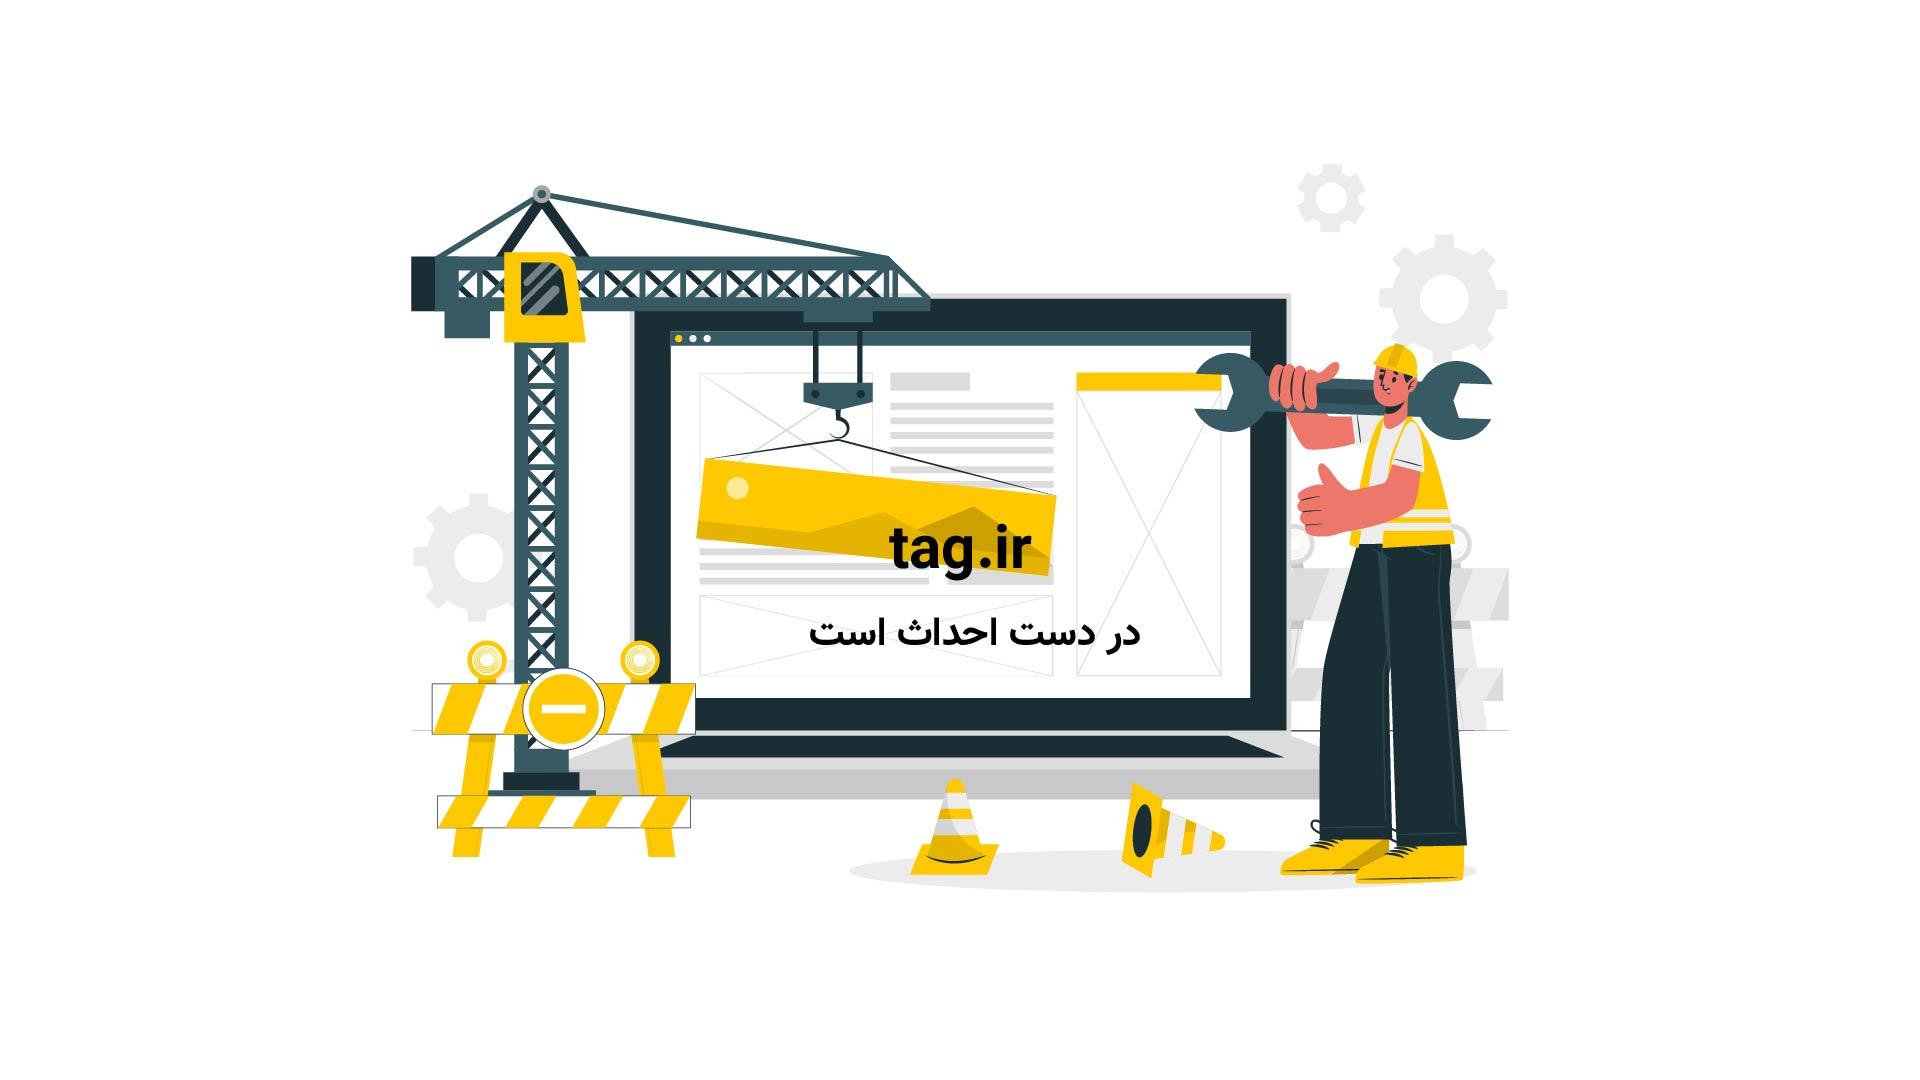 حمله پرندگان سیاه به مردم در ایالت تگزاس امریکا   فیلم